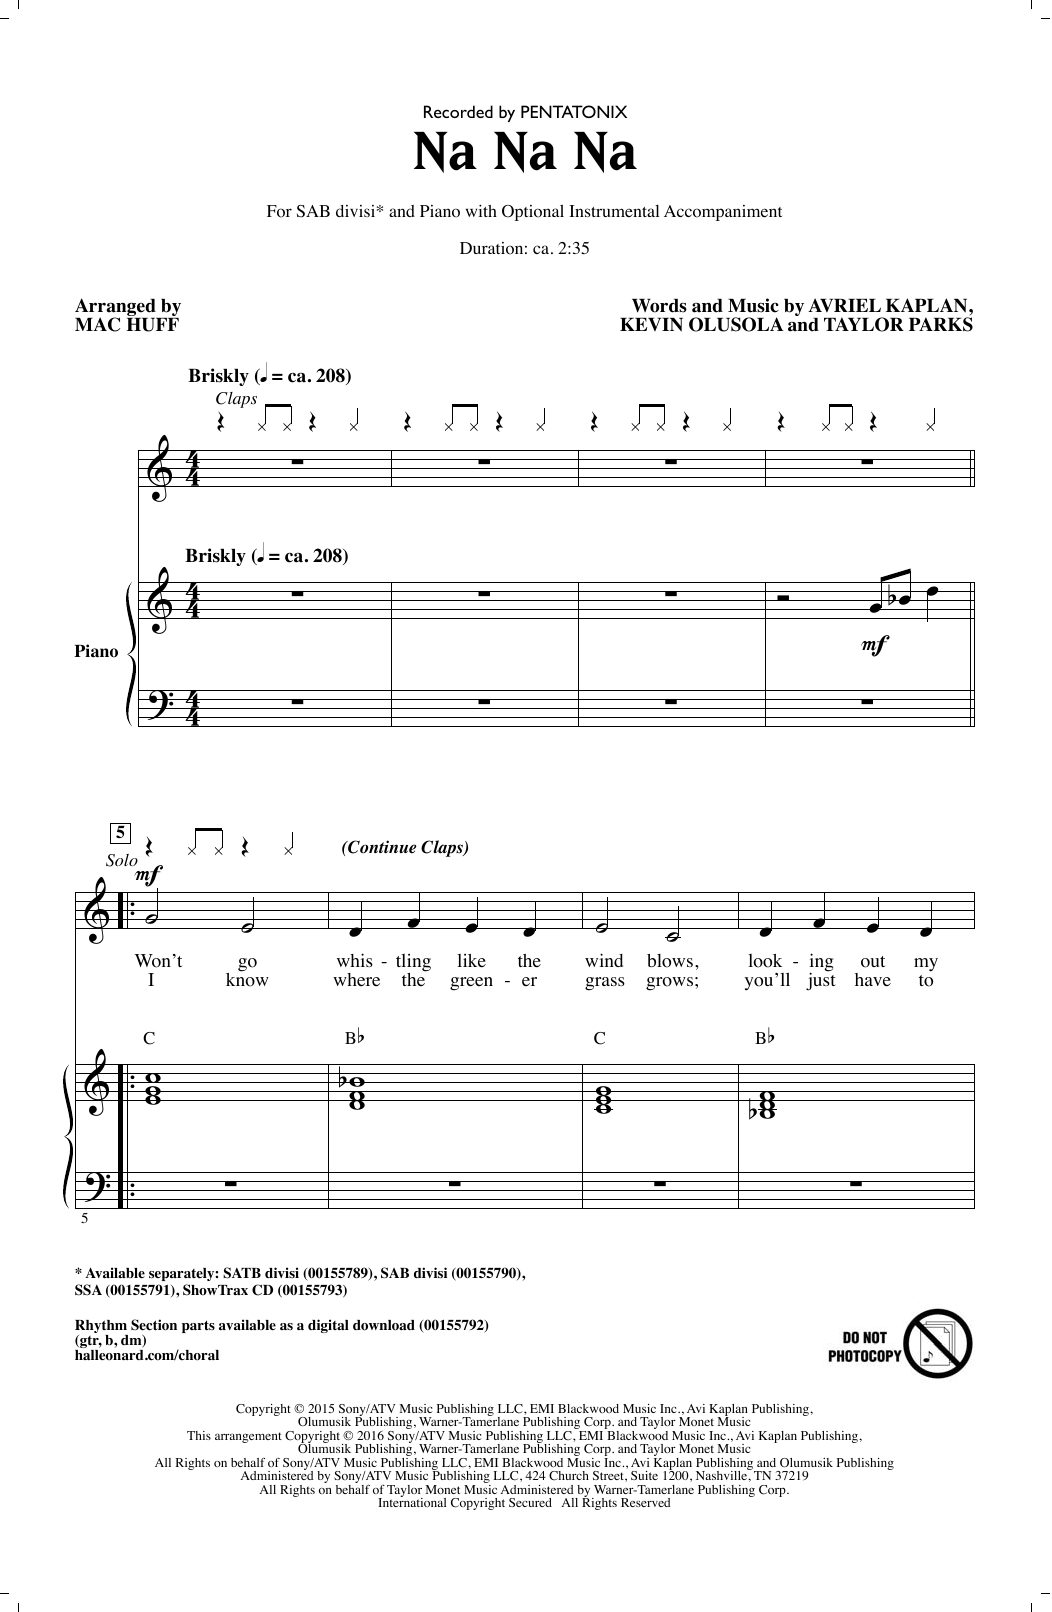 Pentatonix Na Na Na (arr. Mac Huff) sheet music notes and chords. Download Printable PDF.